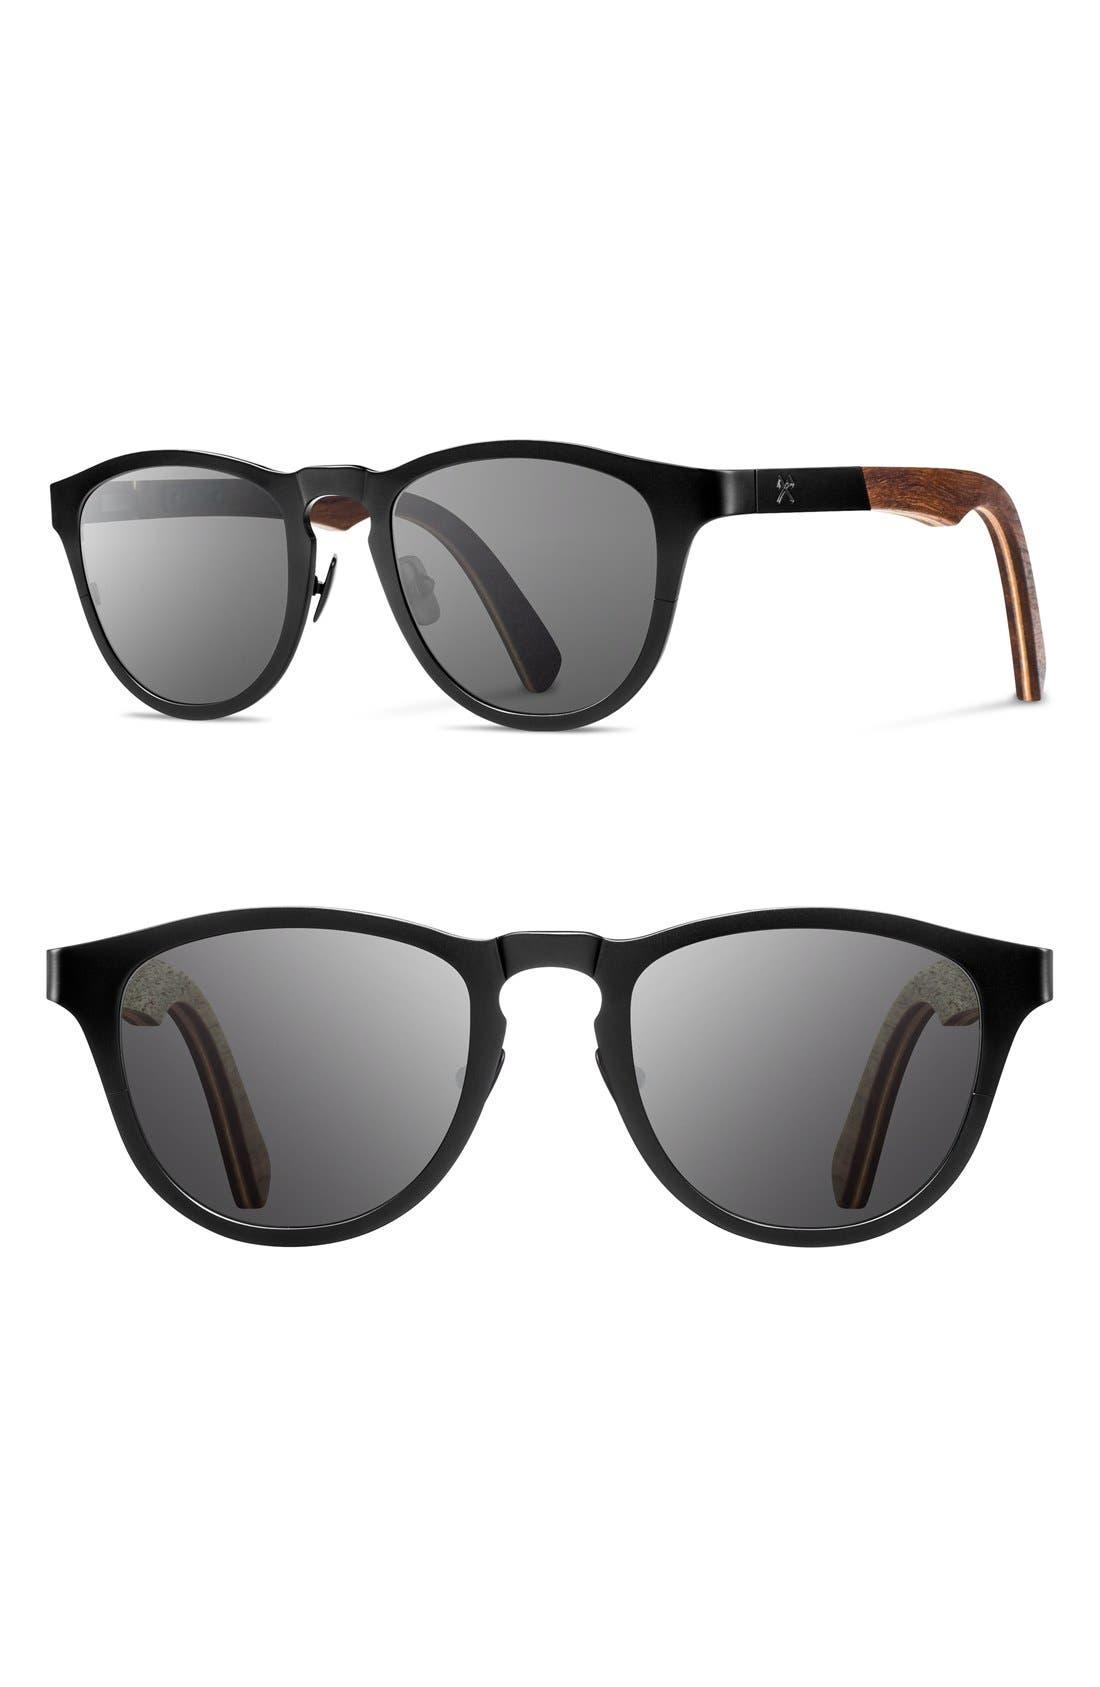 Shwood 'Francis' 49mm Titanium & Wood Sunglasses